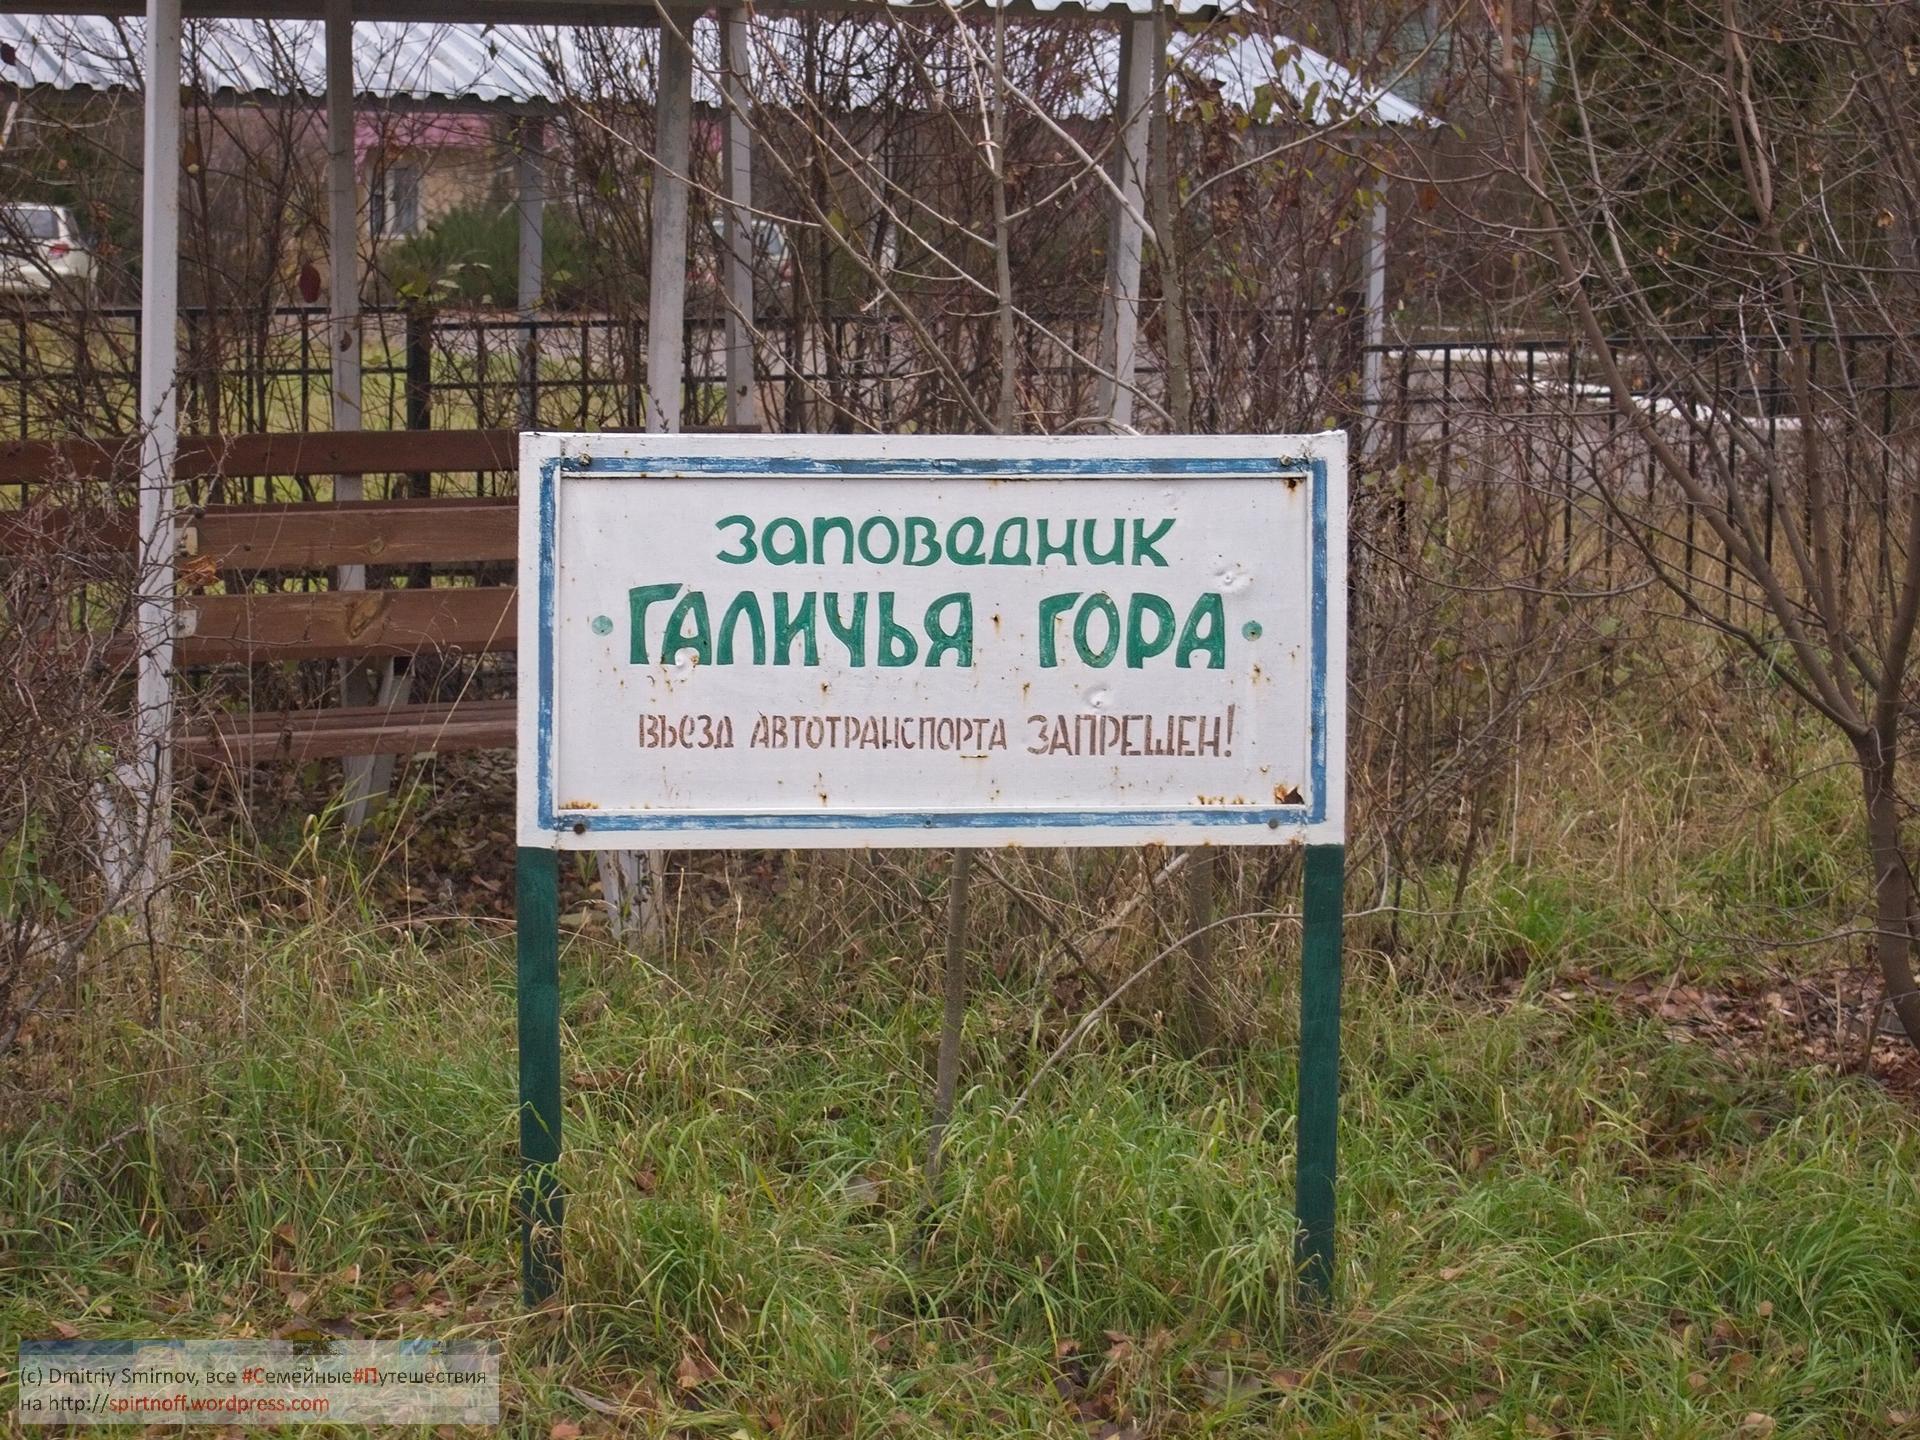 """001-Blog-157 Путешествия  Заповедник """"Галичья гора"""""""